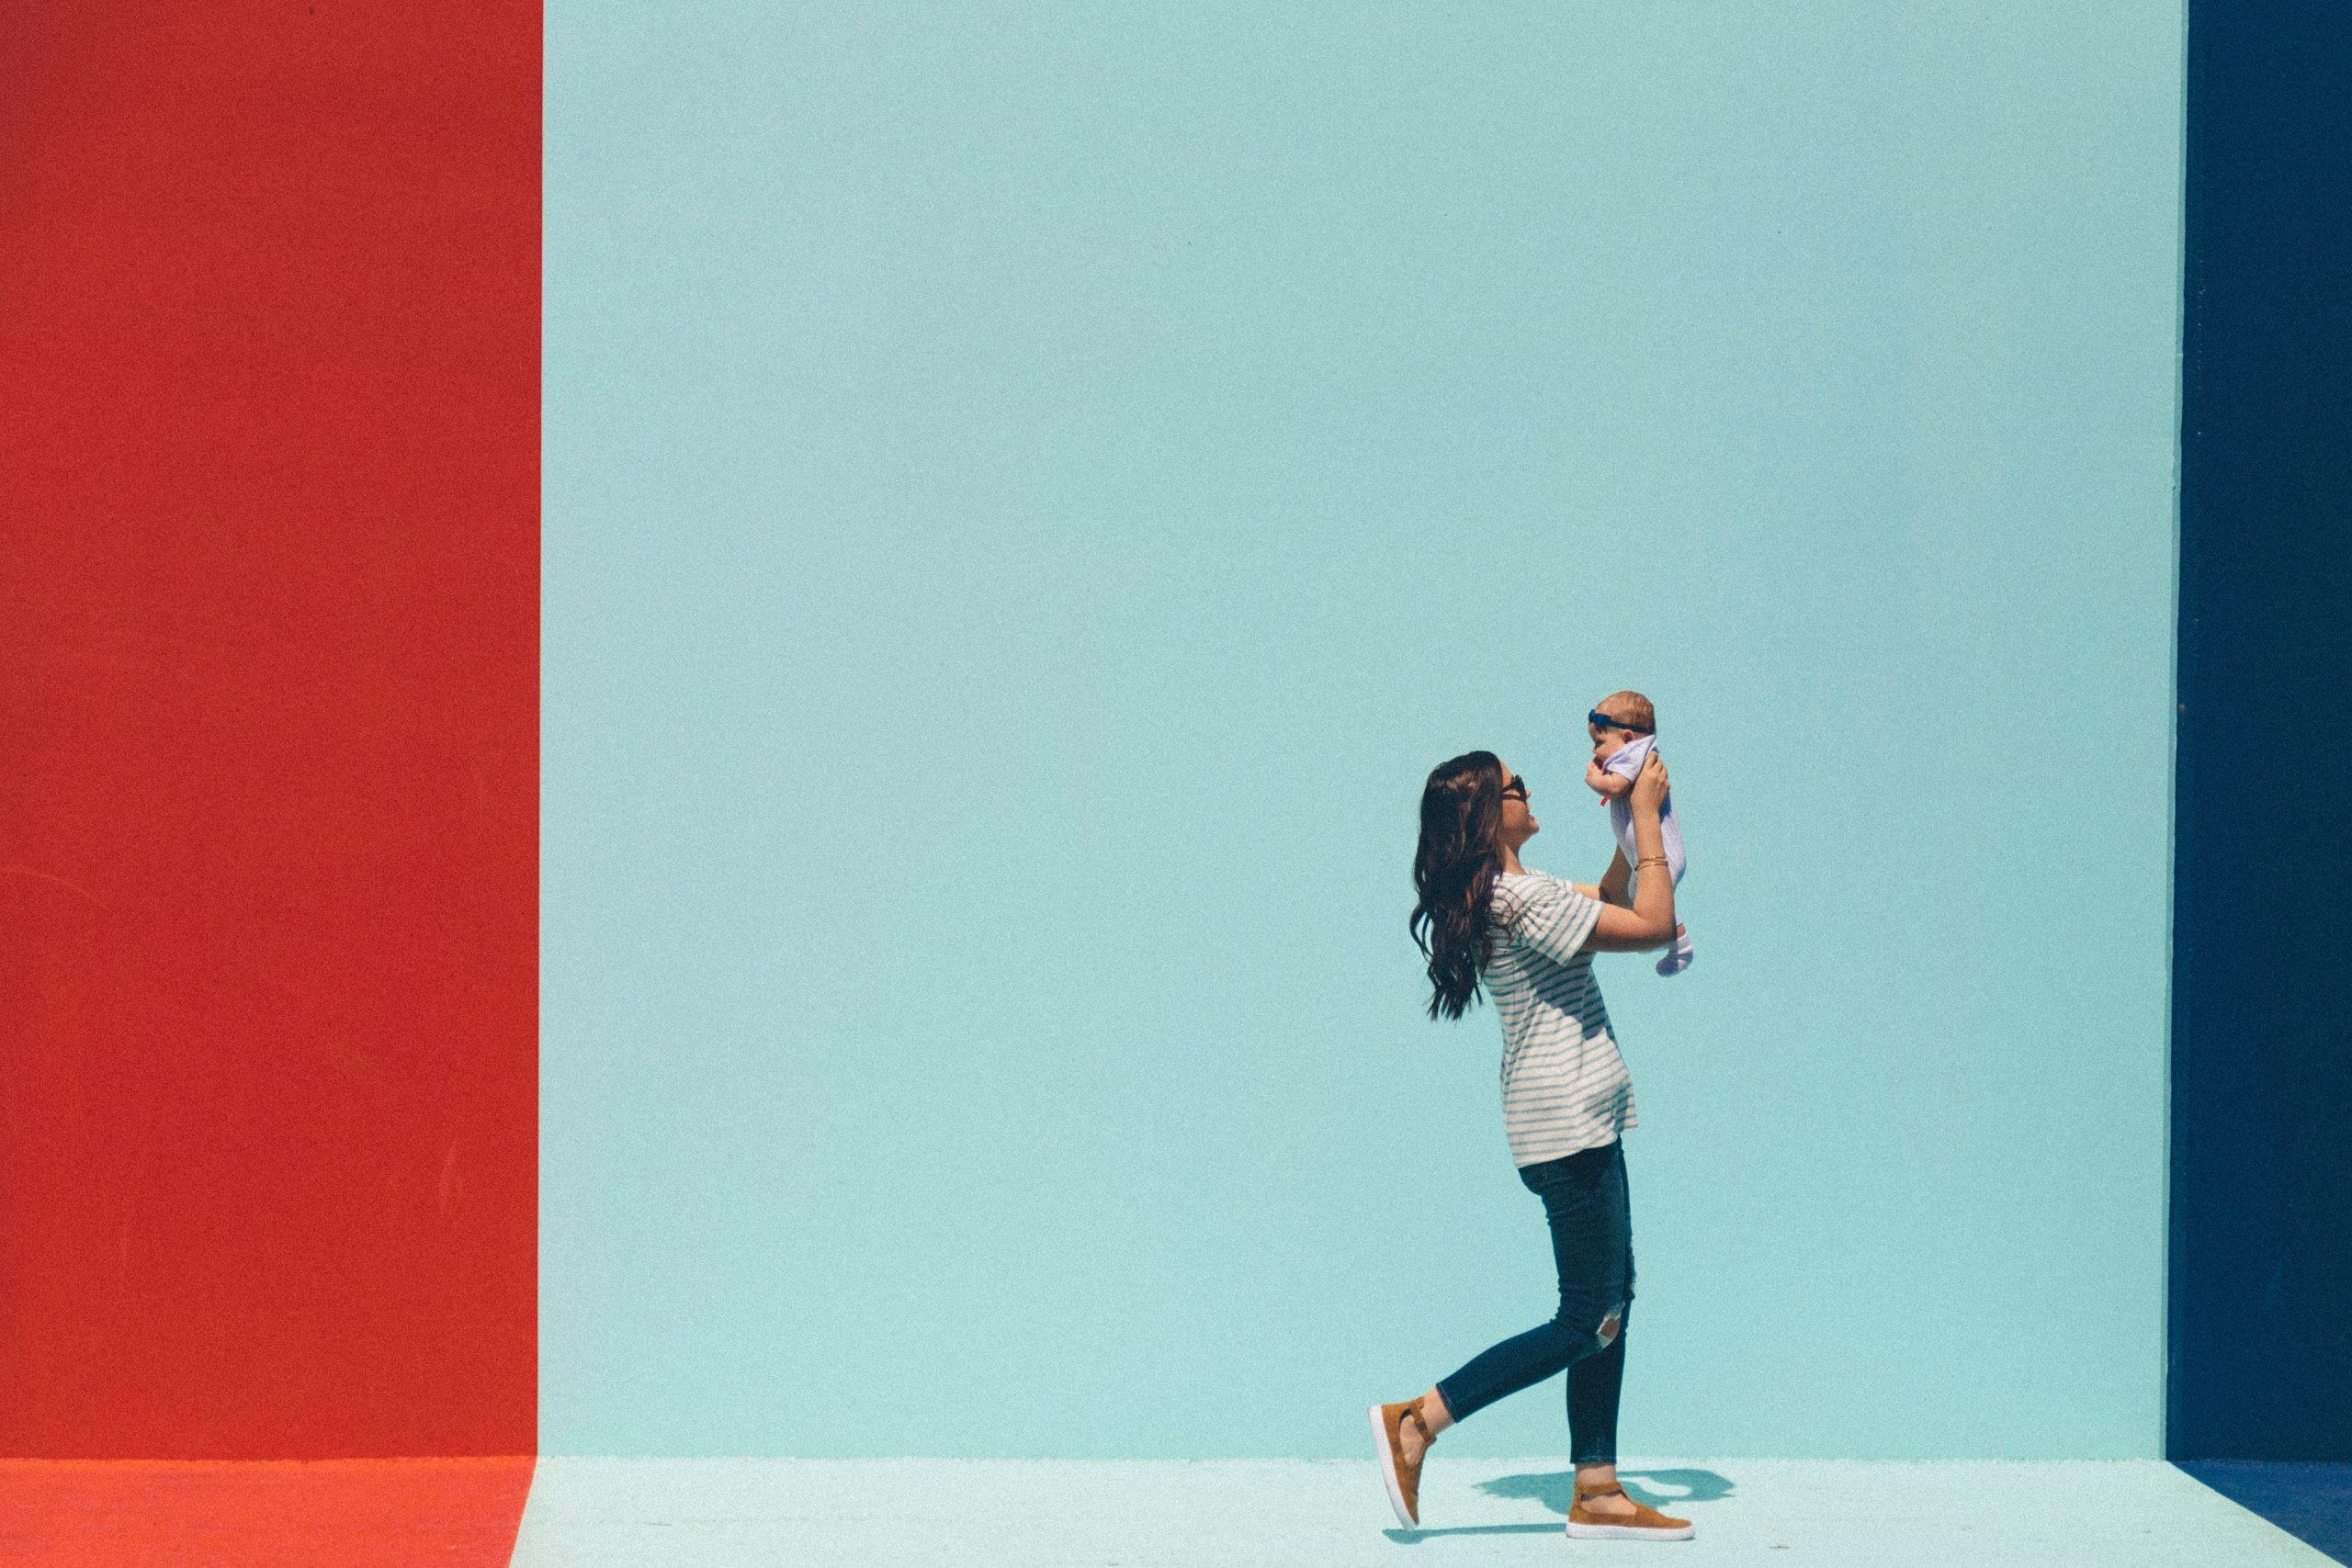 育児休業給付とは?「受給条件」や「期間の延長」について解説